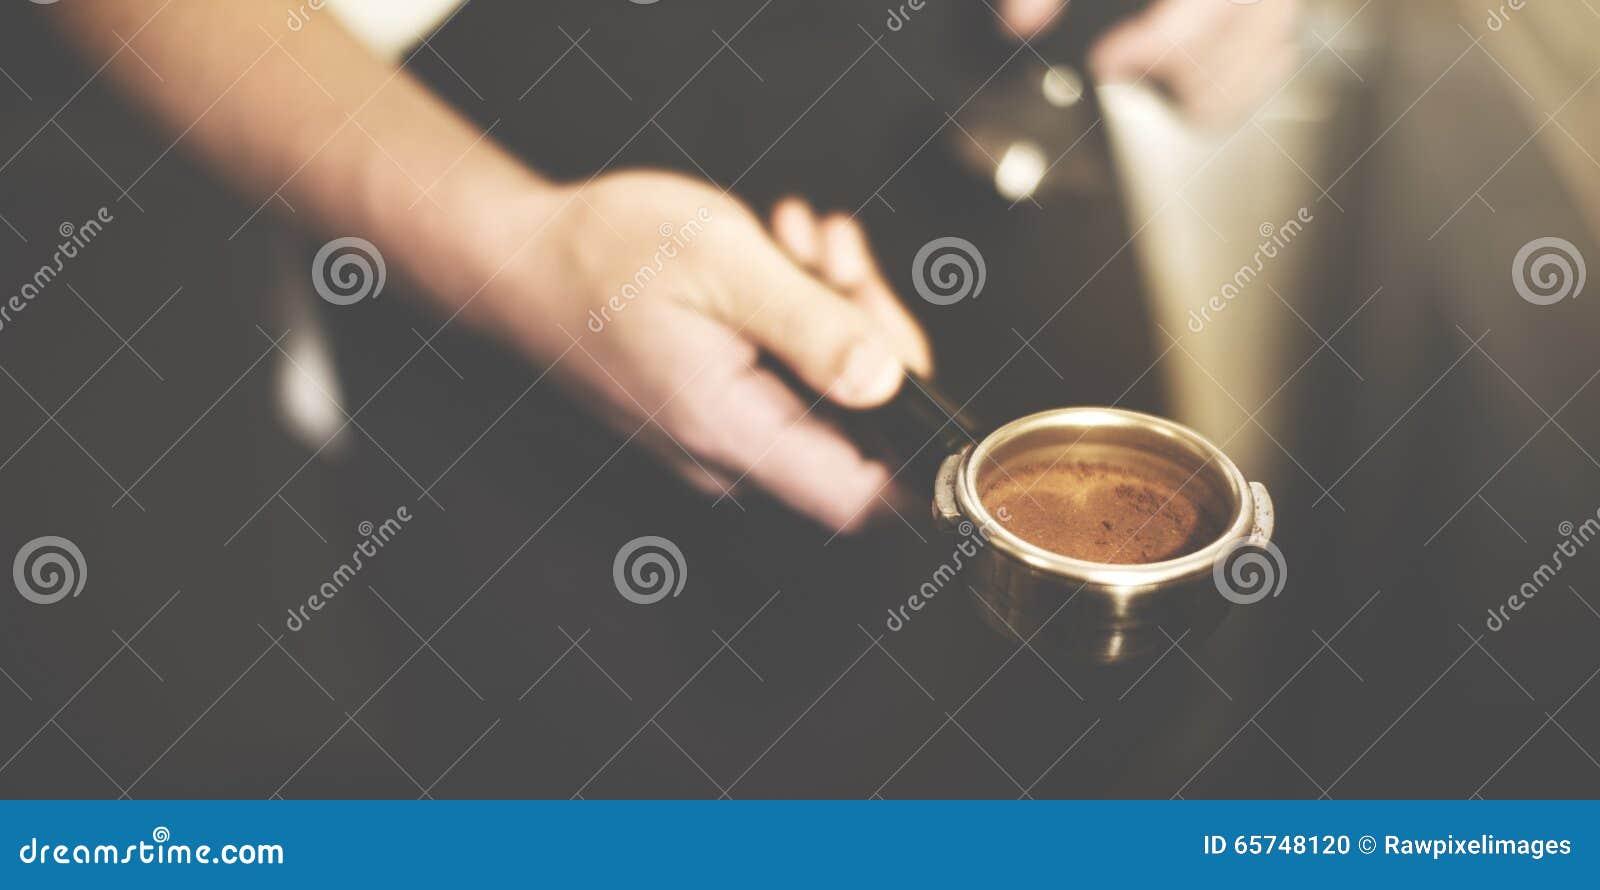 Fachmann-Konzept Barista Coffee Brewing Grind